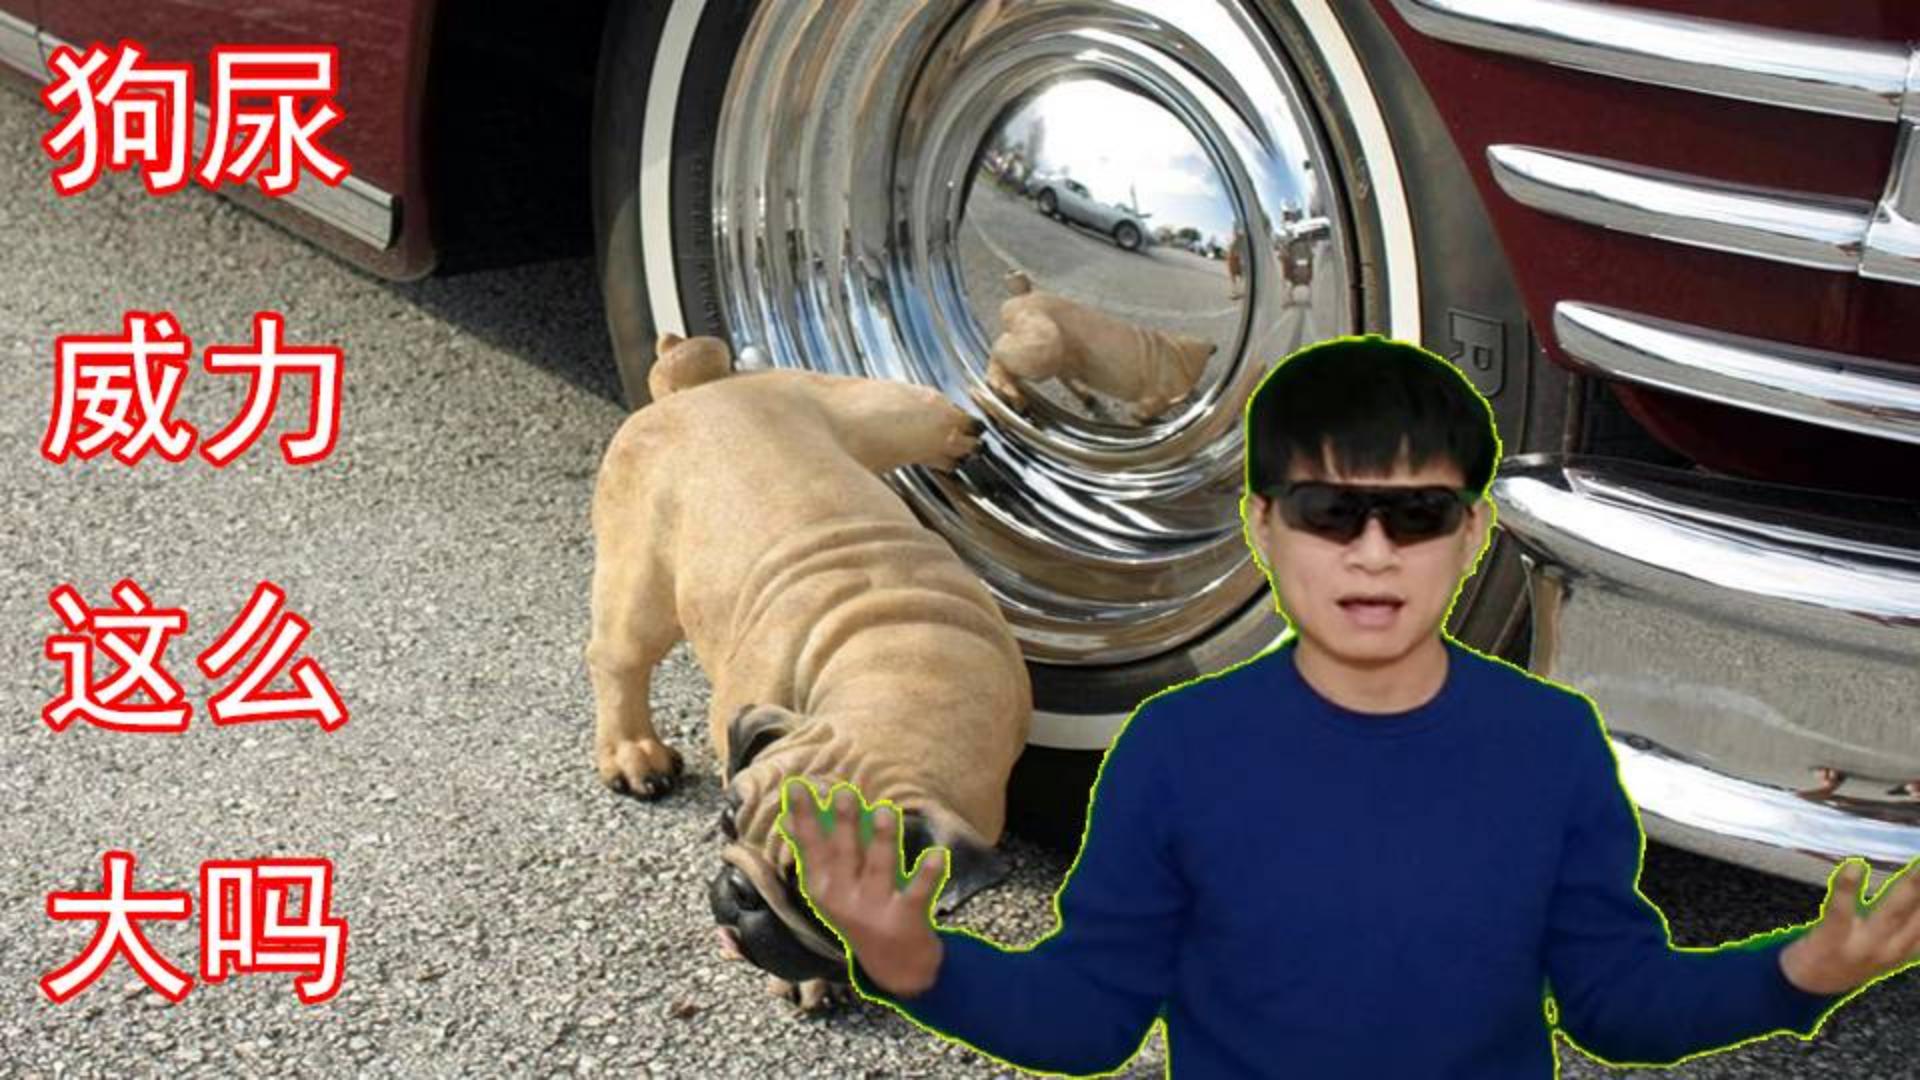 狗尿能够导致爆胎,这是真的吗?一个数字揭开真相